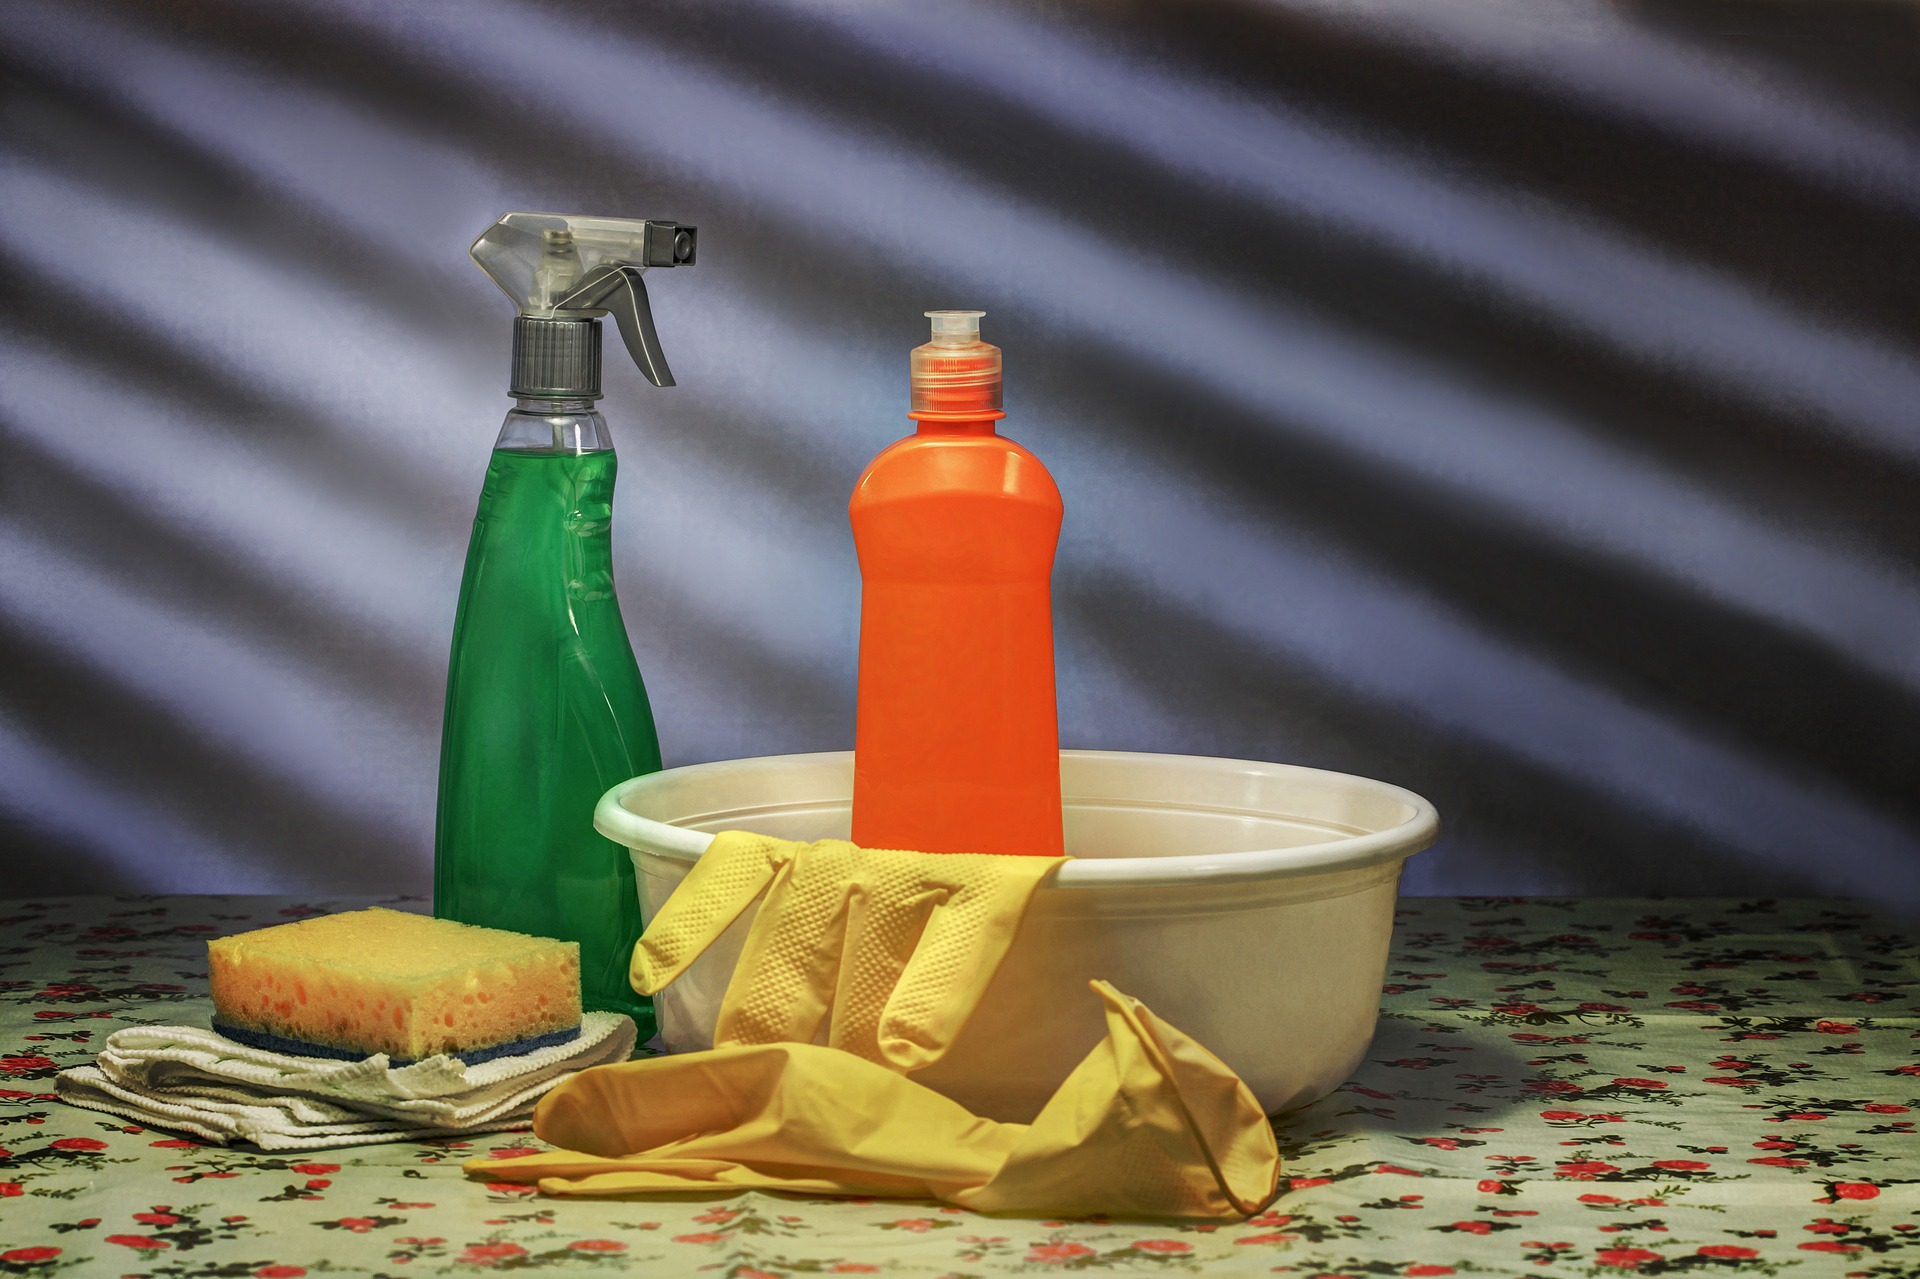 Tisztítószer Detergent Cleaner Takarítás Cleaning